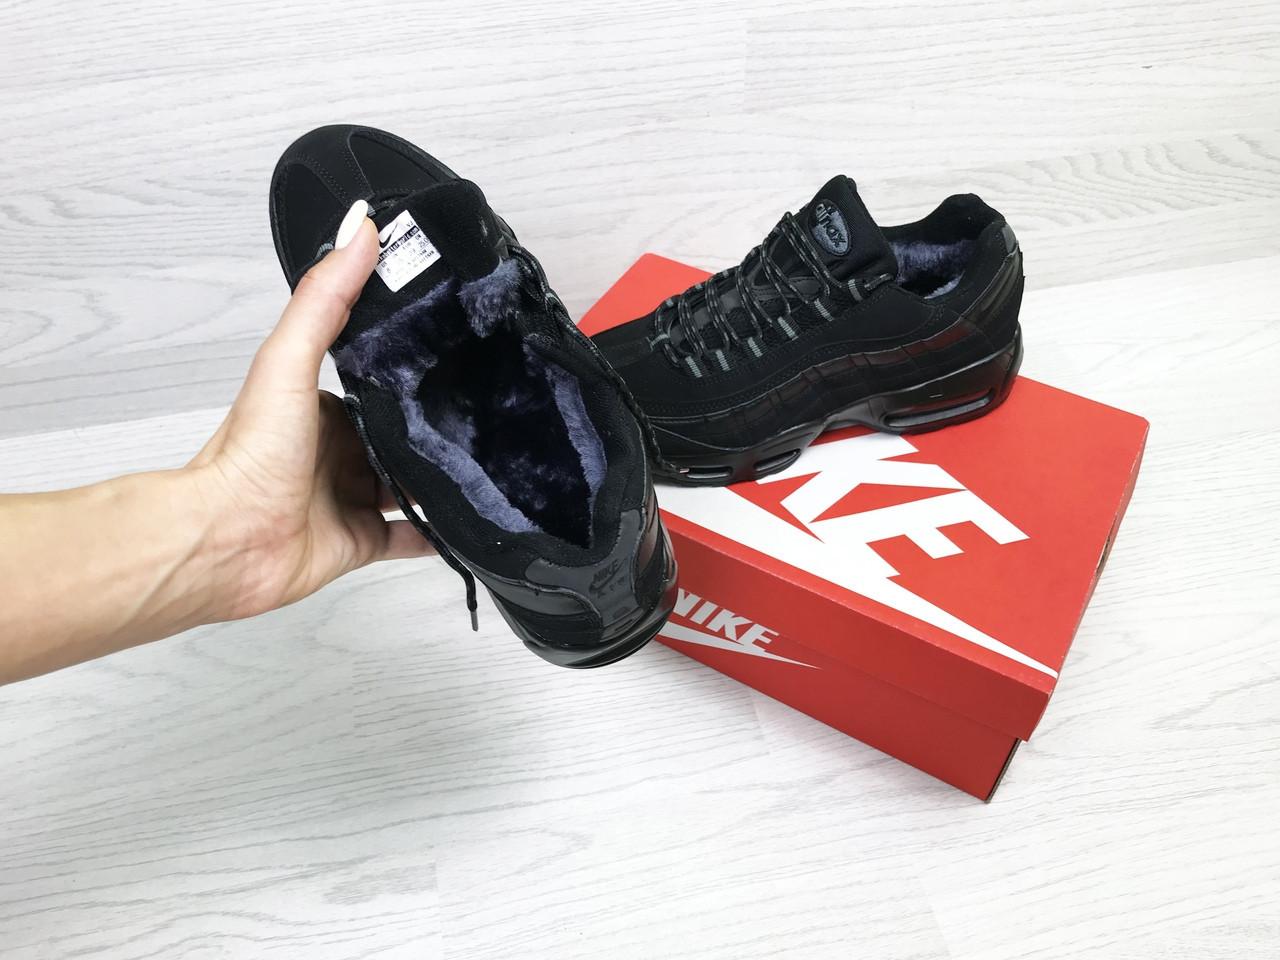 66721a939 Женские кроссовки на зиму черные Nike 95 6739, цена 1 036 грн., купить в  Хмельницком — Prom.ua (ID#812851972)